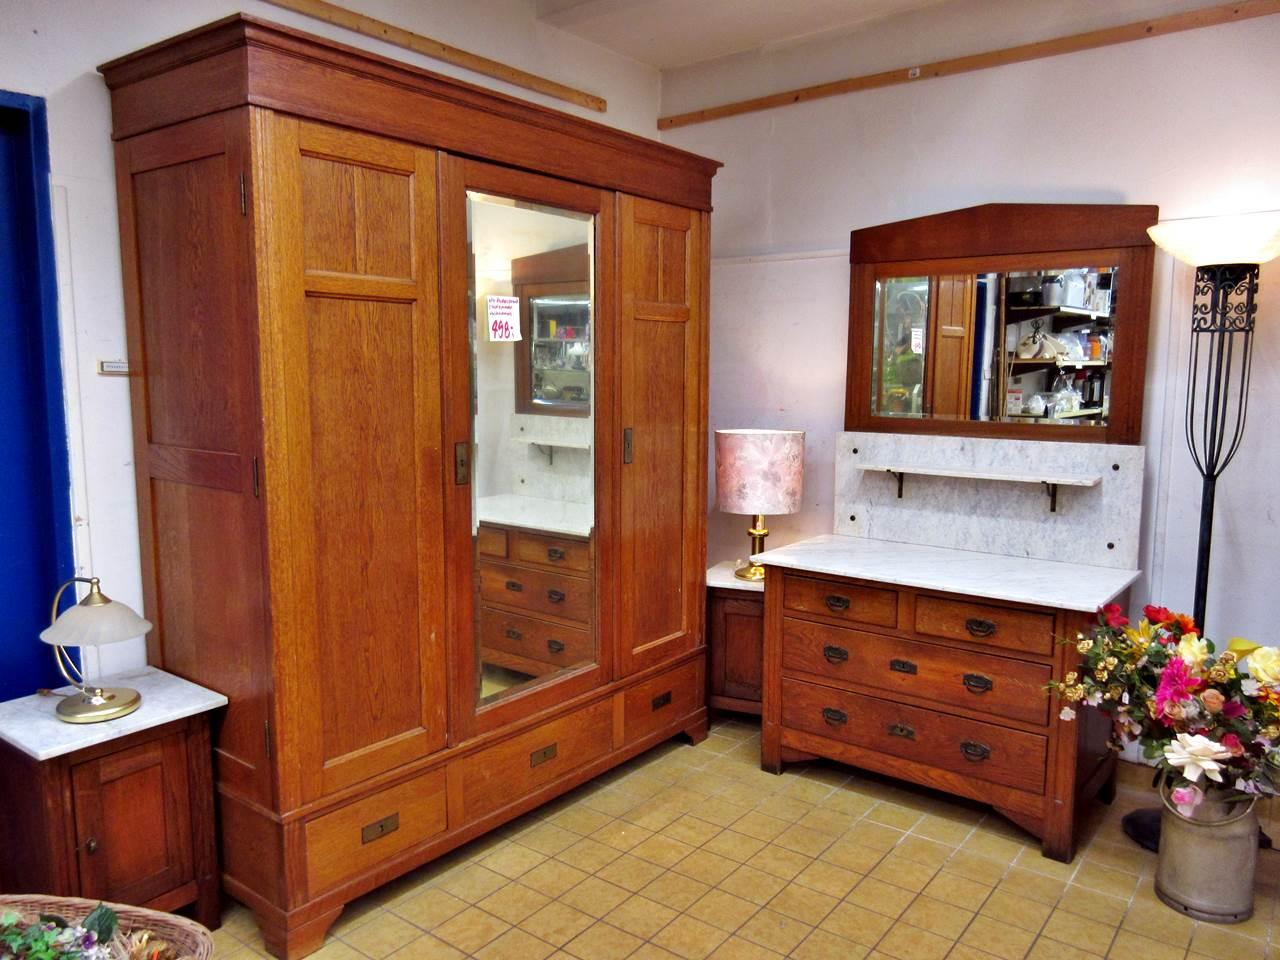 Modernes Wohnzimmer oder Gründerzeit Schlafzimmer  Trödel Oase